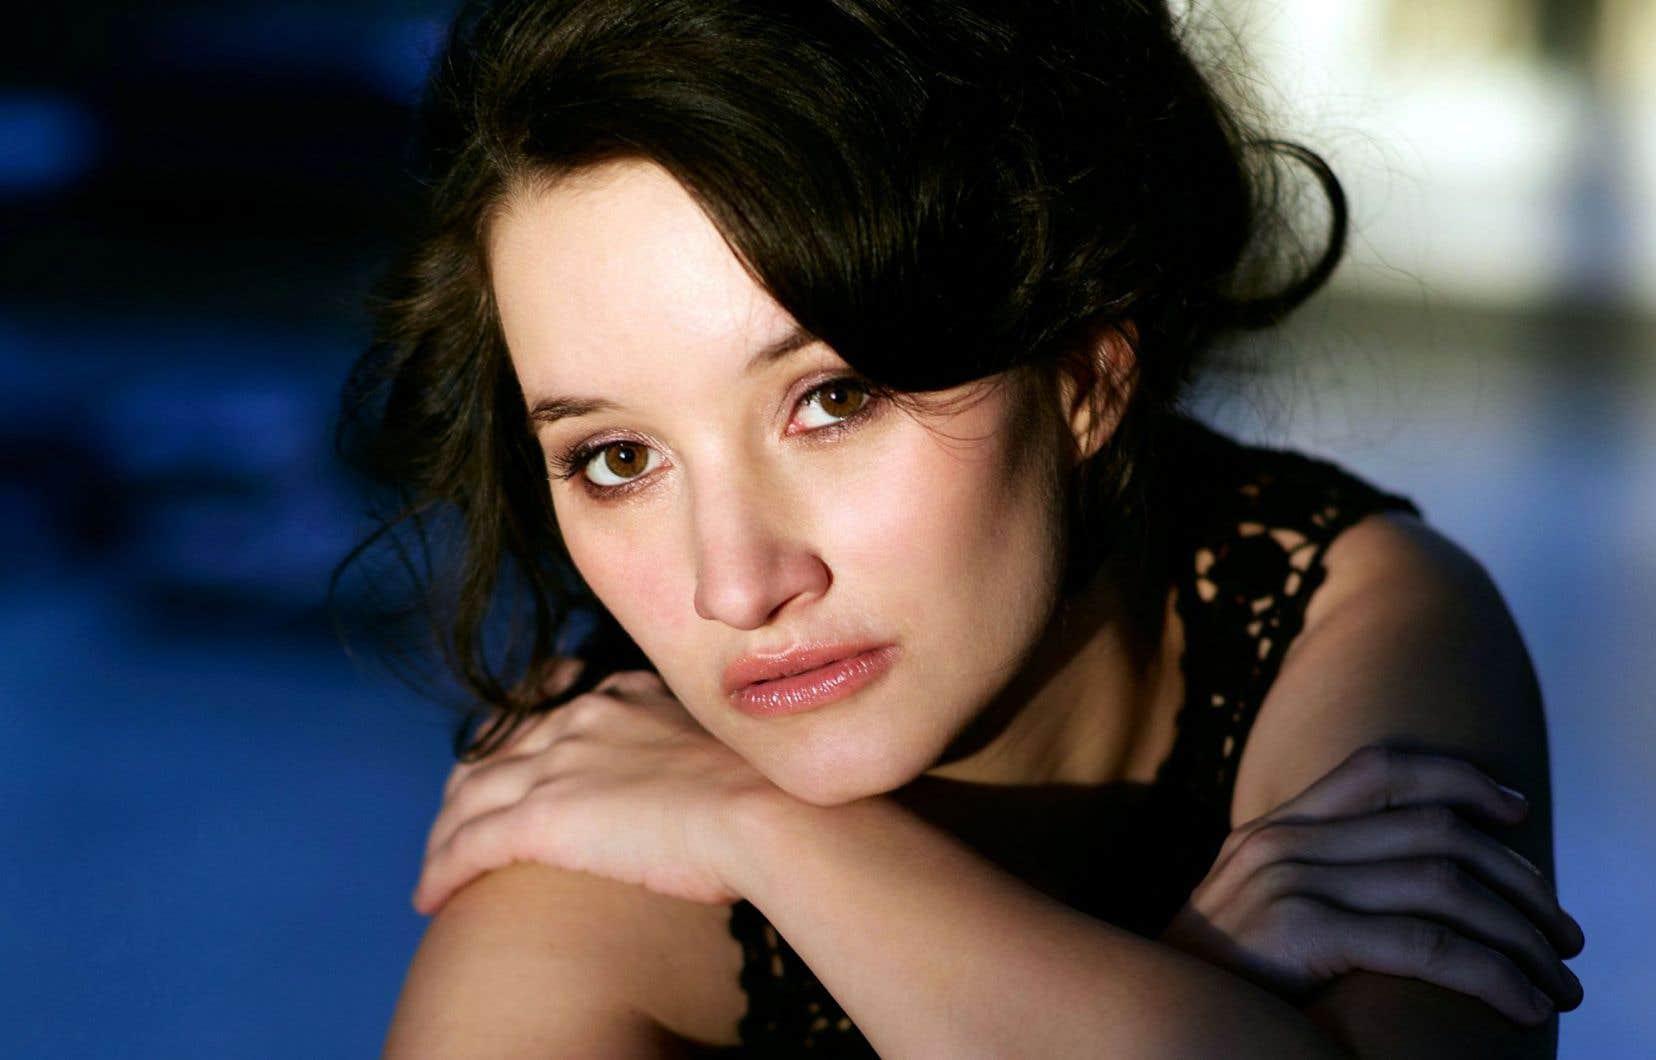 La soprano allemande Anna Prohaska sera, dans le rôle de Cupidon, la vedette de la distribution du «King Arthur» de Purcell dirigé par Bernard Labadie.